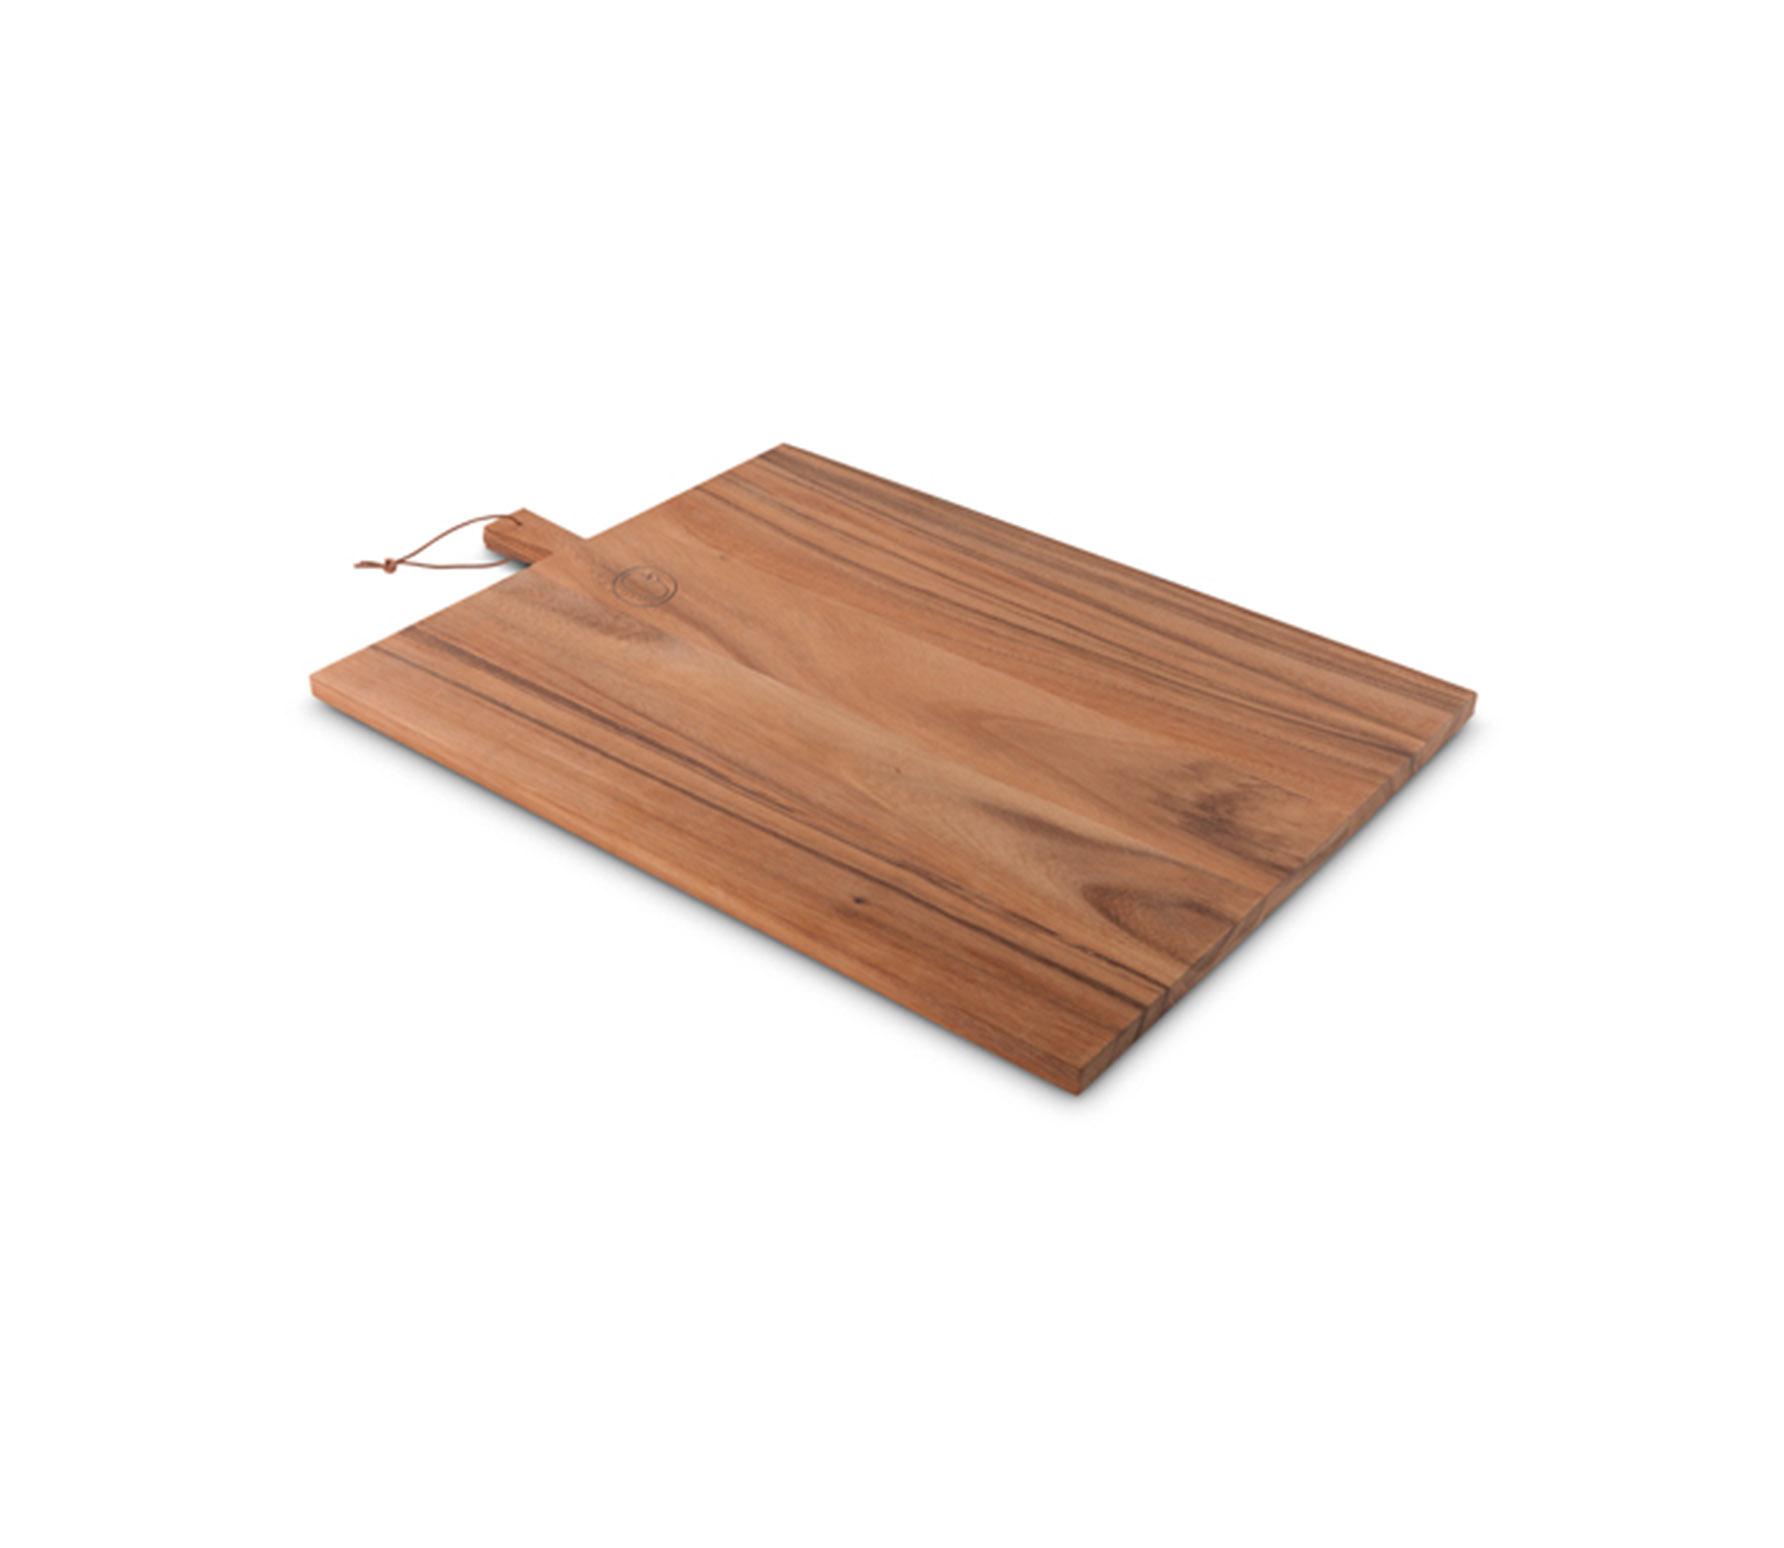 vtwonen houten dienblad 50x40 cm ACACIA HOUT